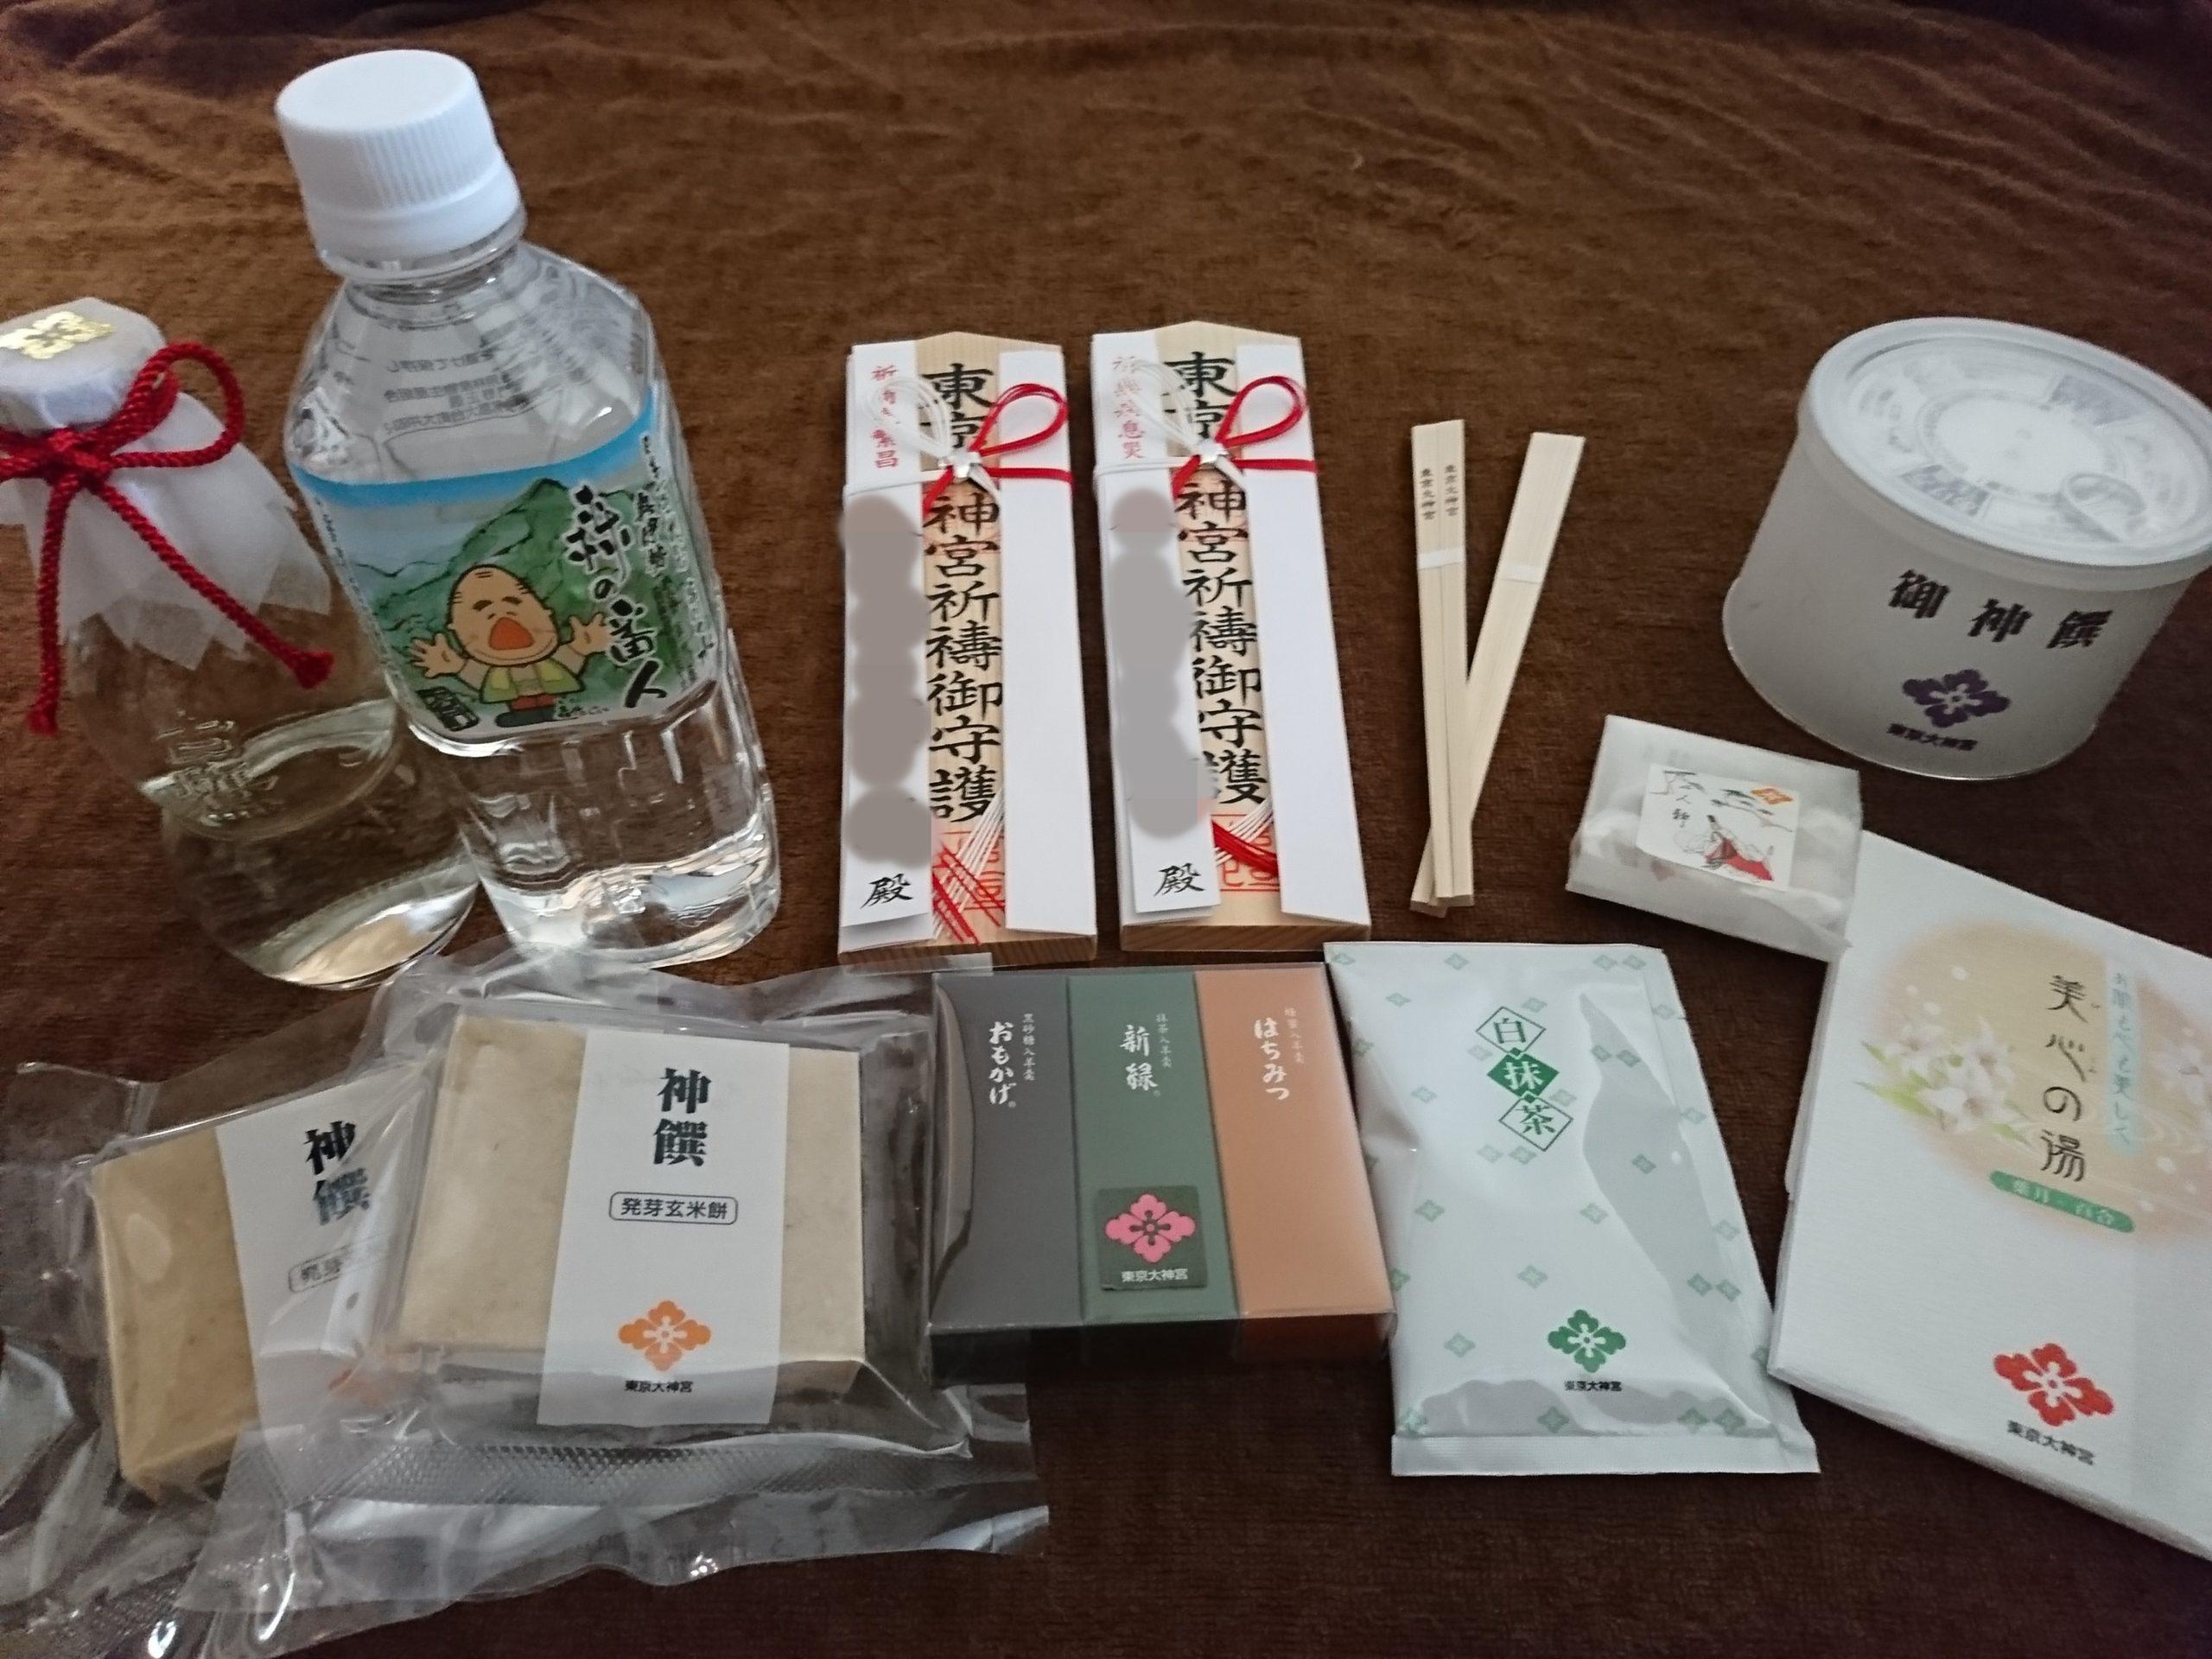 東京大神宮のご祈祷でいただいた授与品